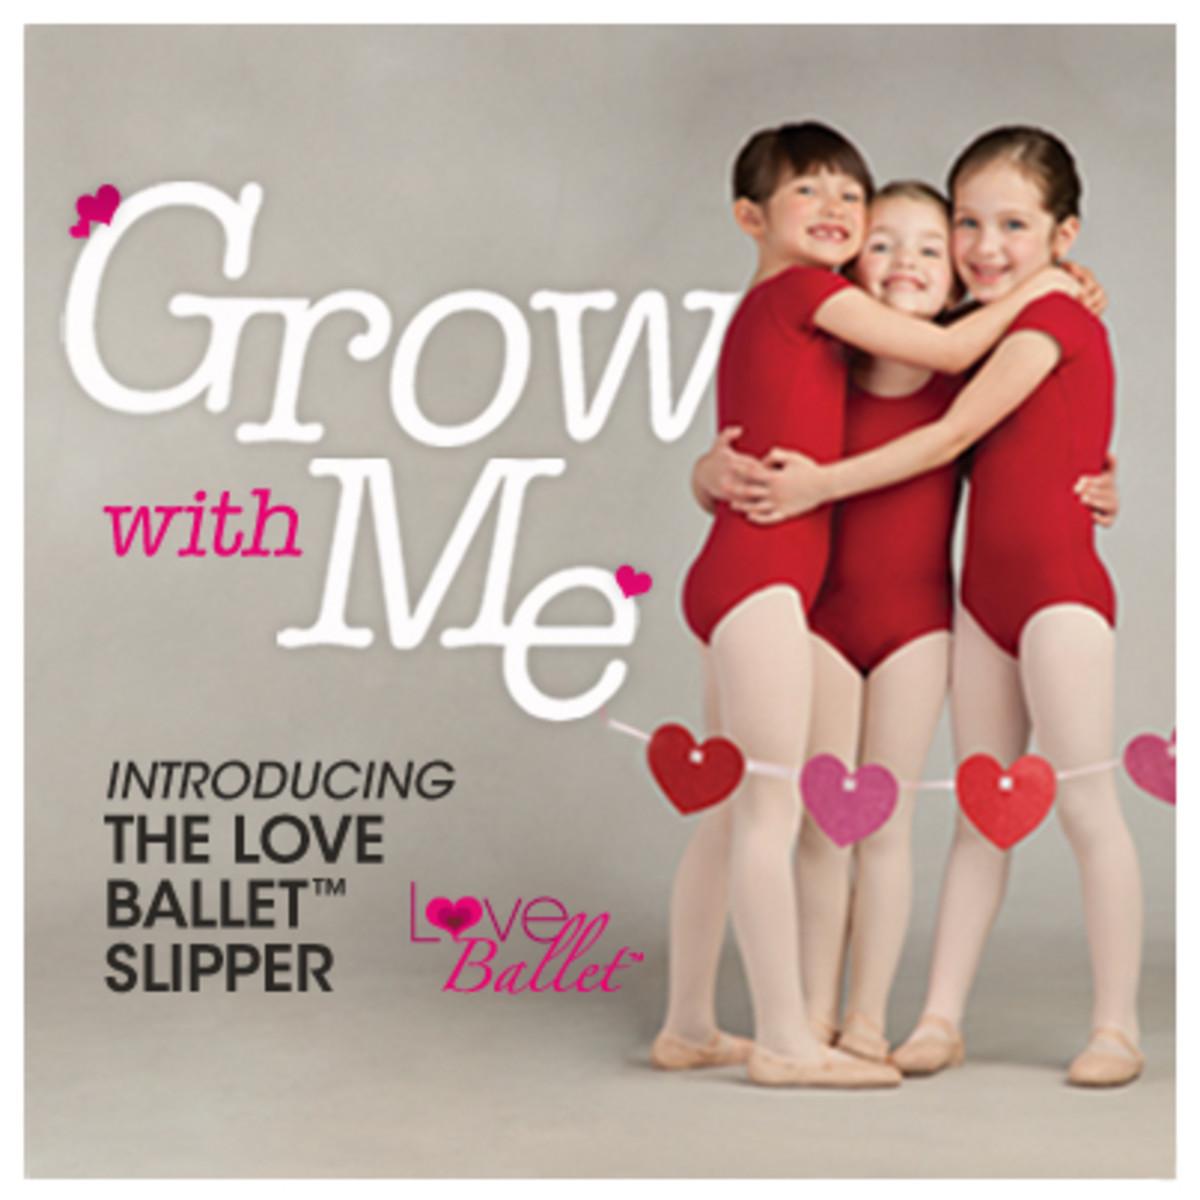 capezio ballet